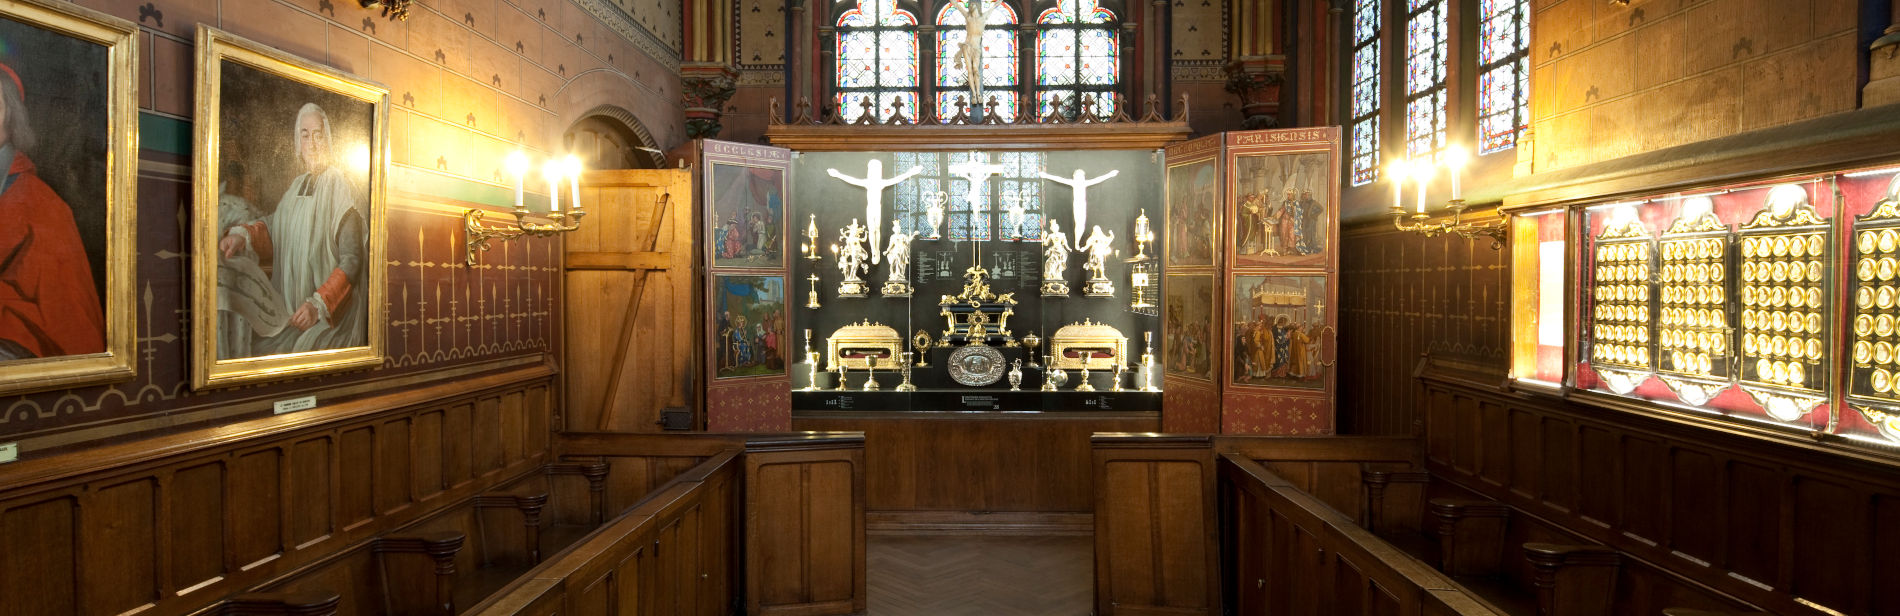 La salle du Trésor, avec tableaux sur les murs et vitrines de reliques au fond